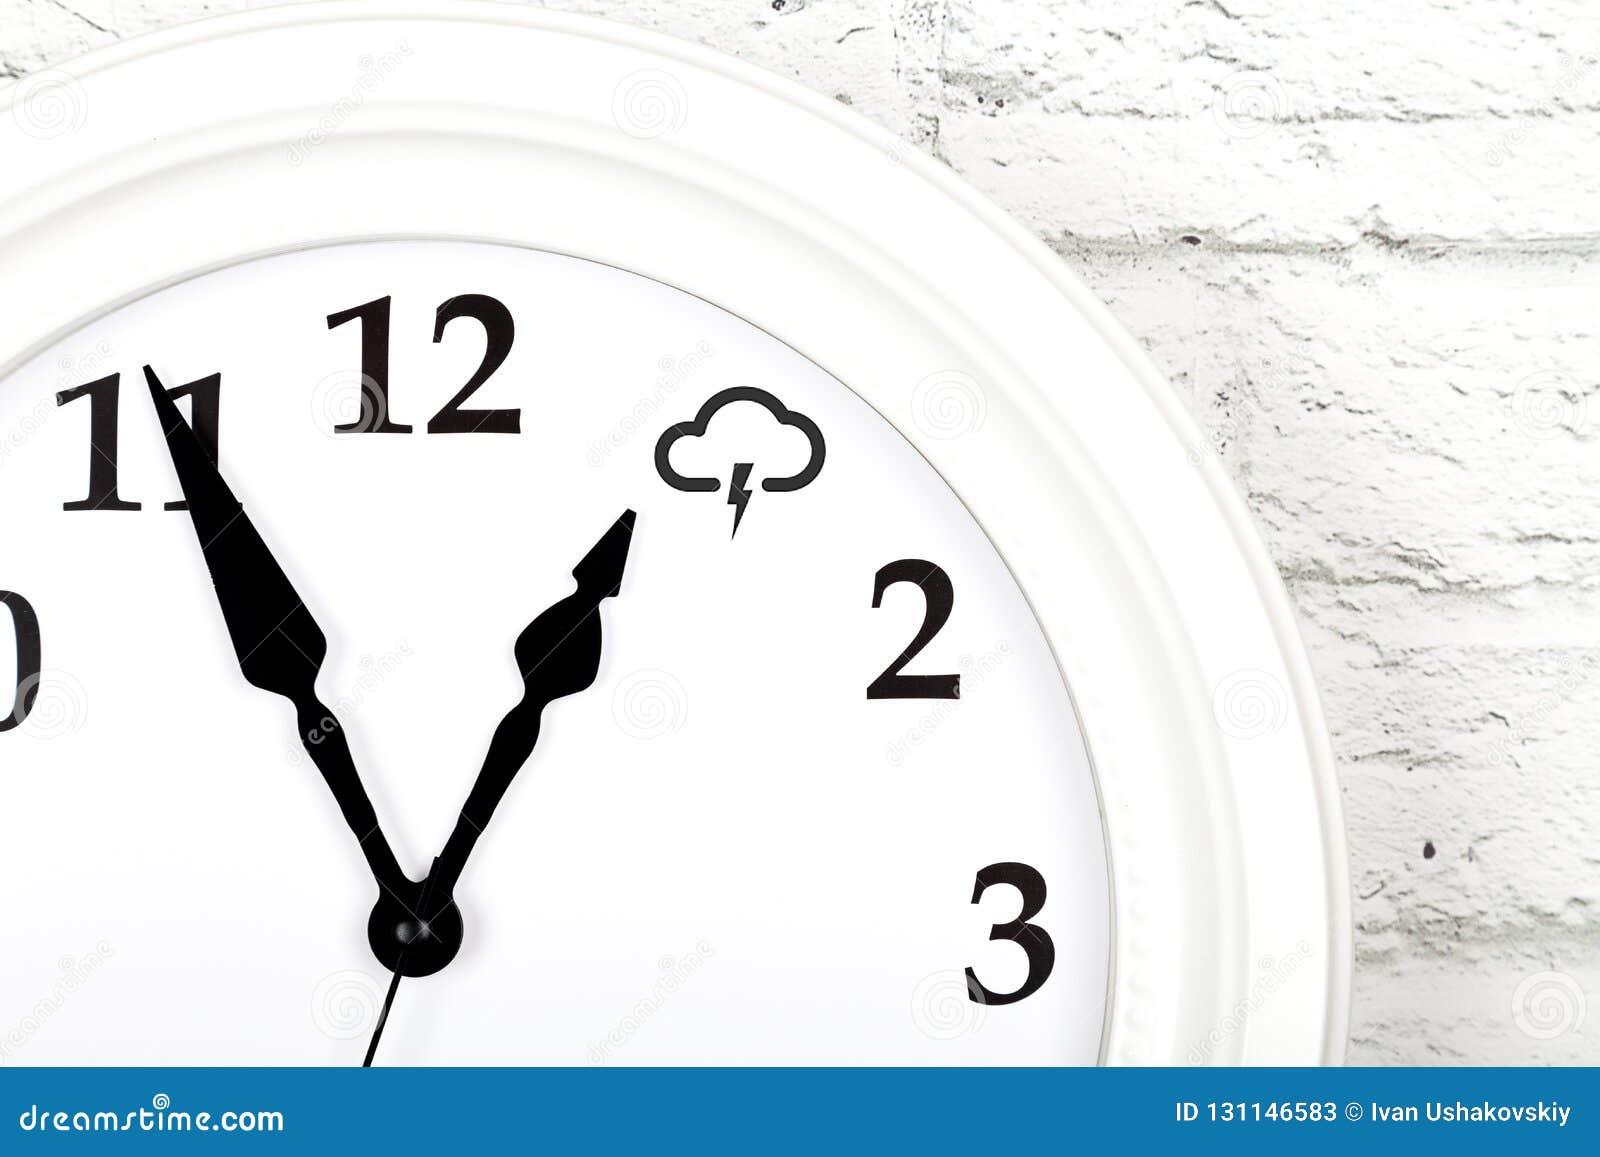 Concept de prévisions météorologiques avec l horloge montrant le temps